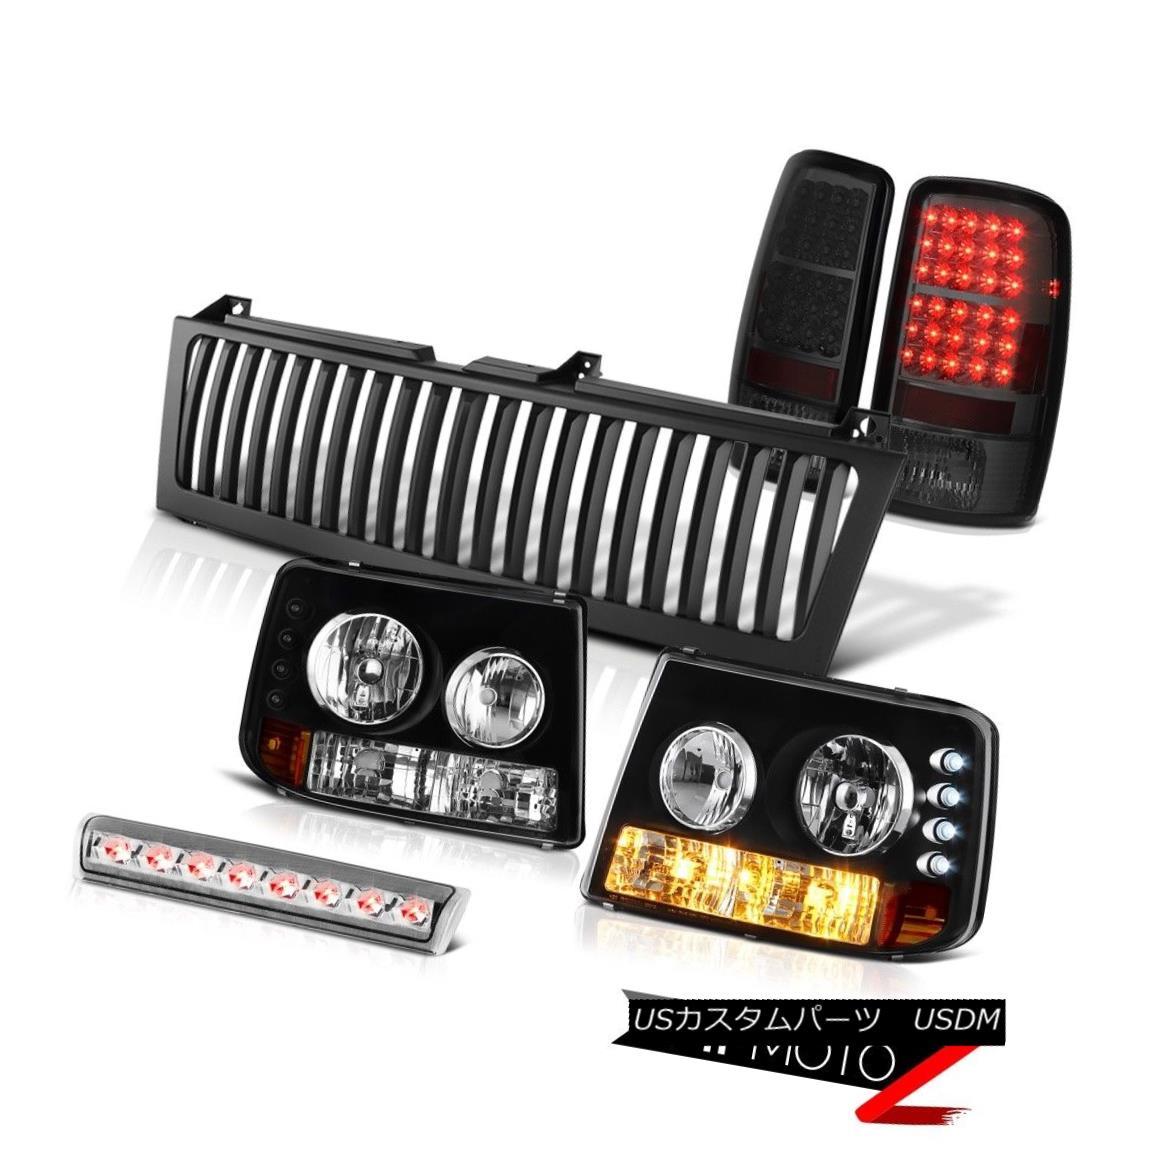 テールライト 2000-2006 Suburban LS Bumper+Headlamps Tail Lights LED High Stop Black Grille 2000-2006郊外LSバンパー+ヘッドラム psテールライトLEDハイストップブラックグリル